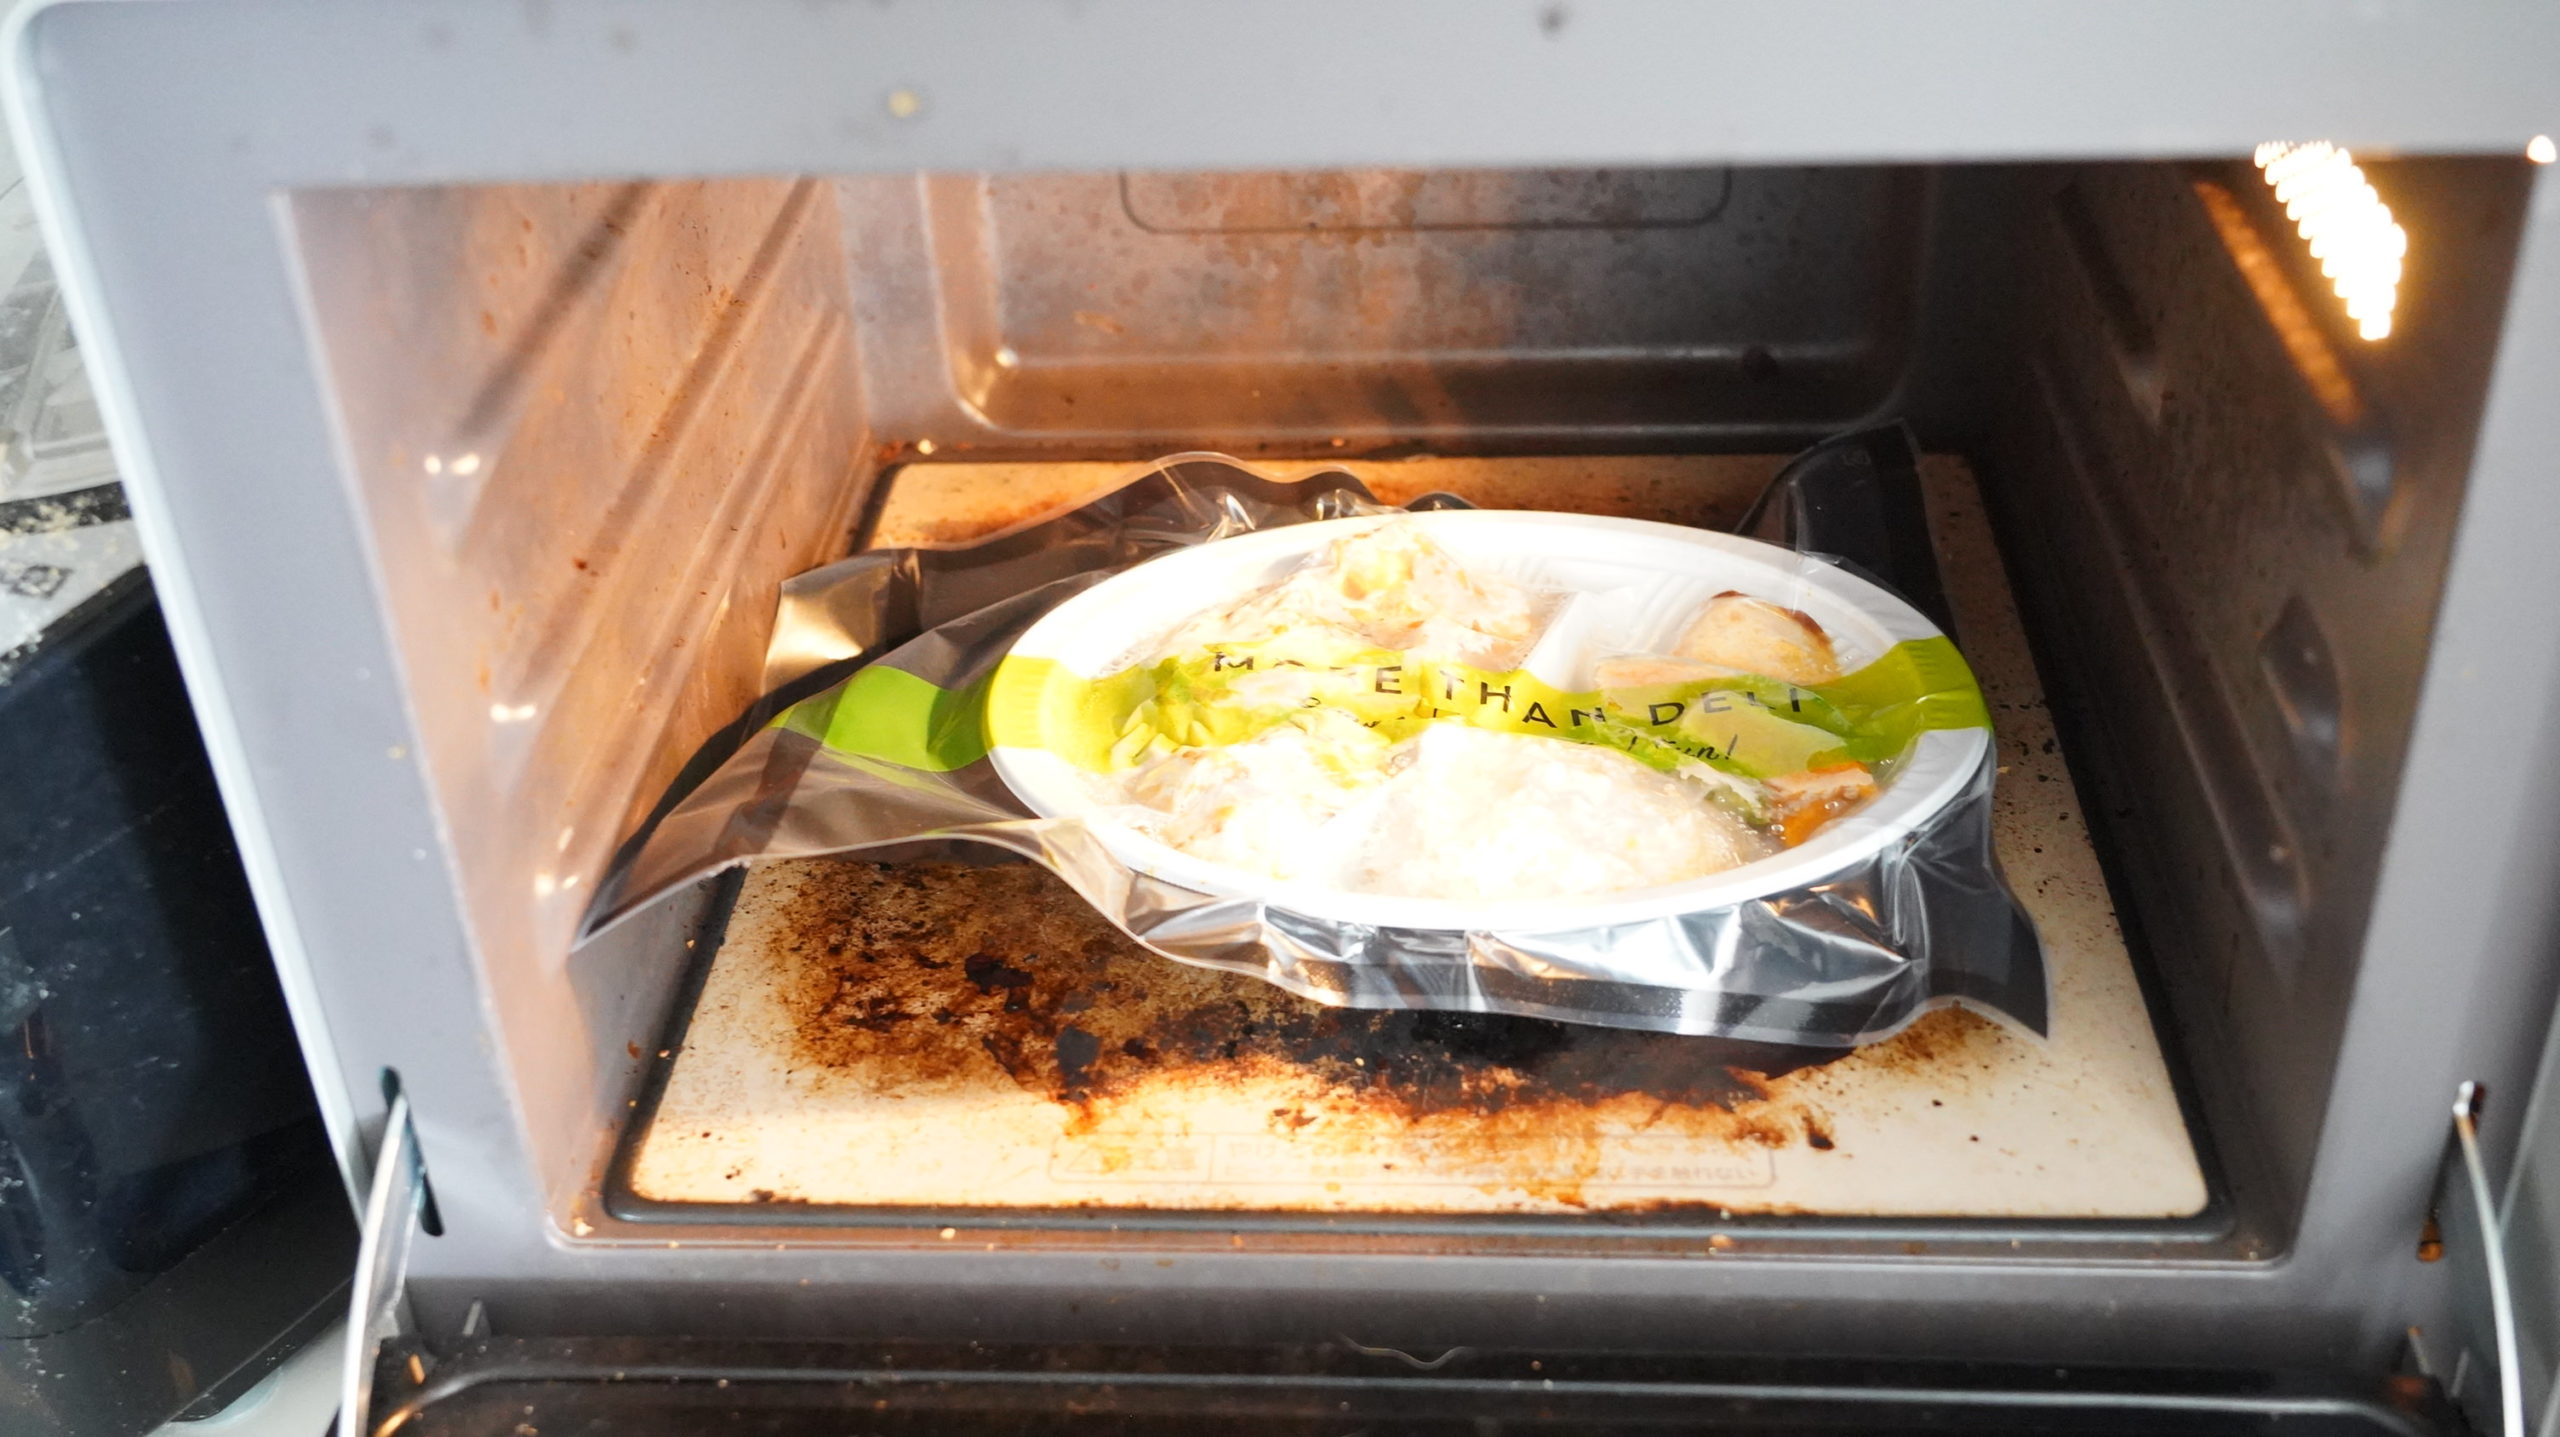 More than Deli(モアザンデリ)の冷凍弁当「鶏むね肉の野菜たっぷりカレー」を電子レンジで加熱している写真